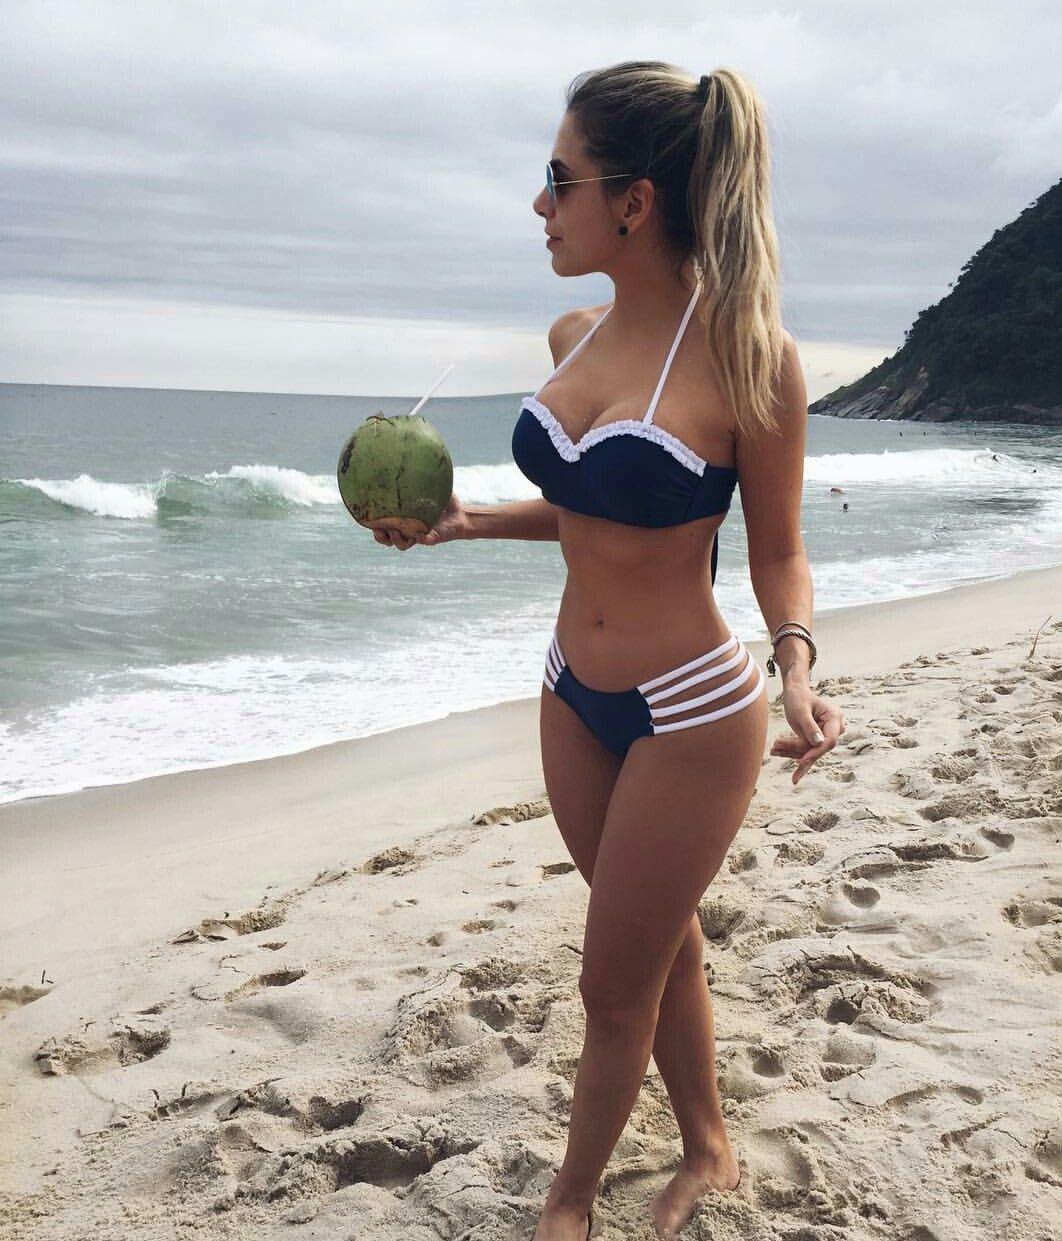 a9ccdbbae7d5 Biquini Bom Fim De Semana, Moda Praia, Biquini, Mulheres Lindas, Roupas,